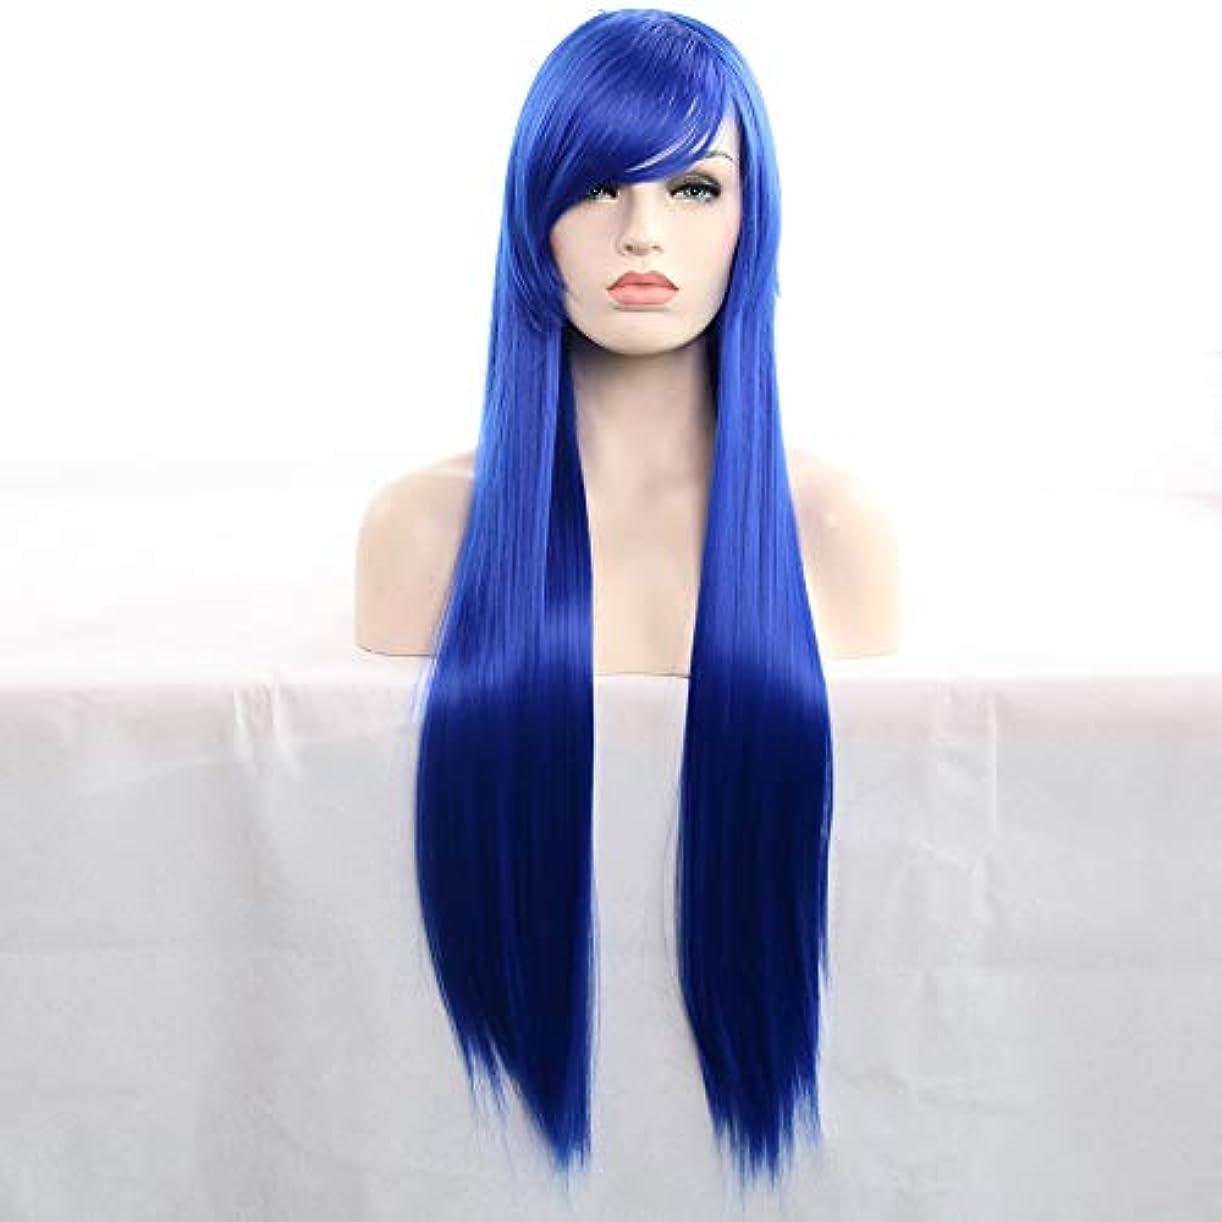 免除山積みのアコード女性用ロングナチュラルストレートヘアウィッグ31インチ人工毛替えウィッグハロウィンコスプレ衣装アニメパーティーウィッグ(ウィッグキャップ付き) (Color : 青)